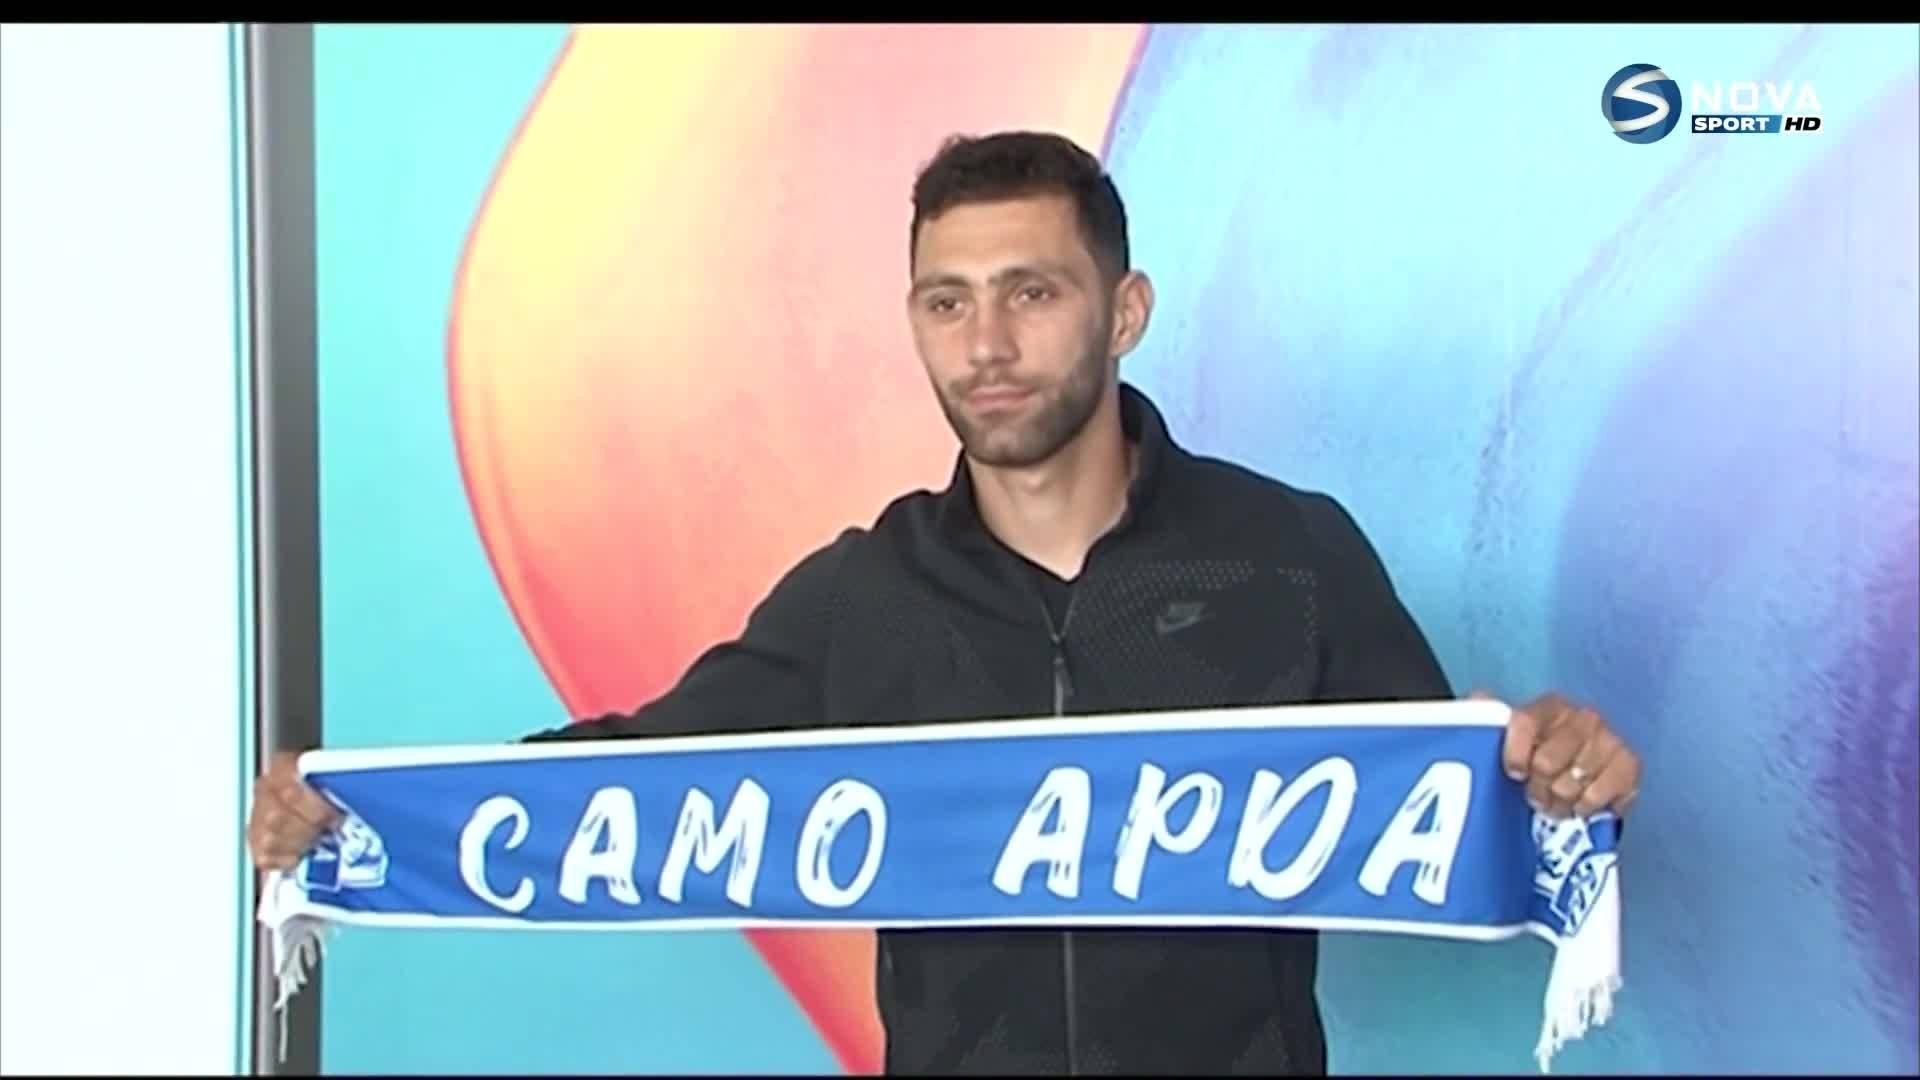 Осепян: Играл съм срещу Левски, футболът в България е на добро ниво